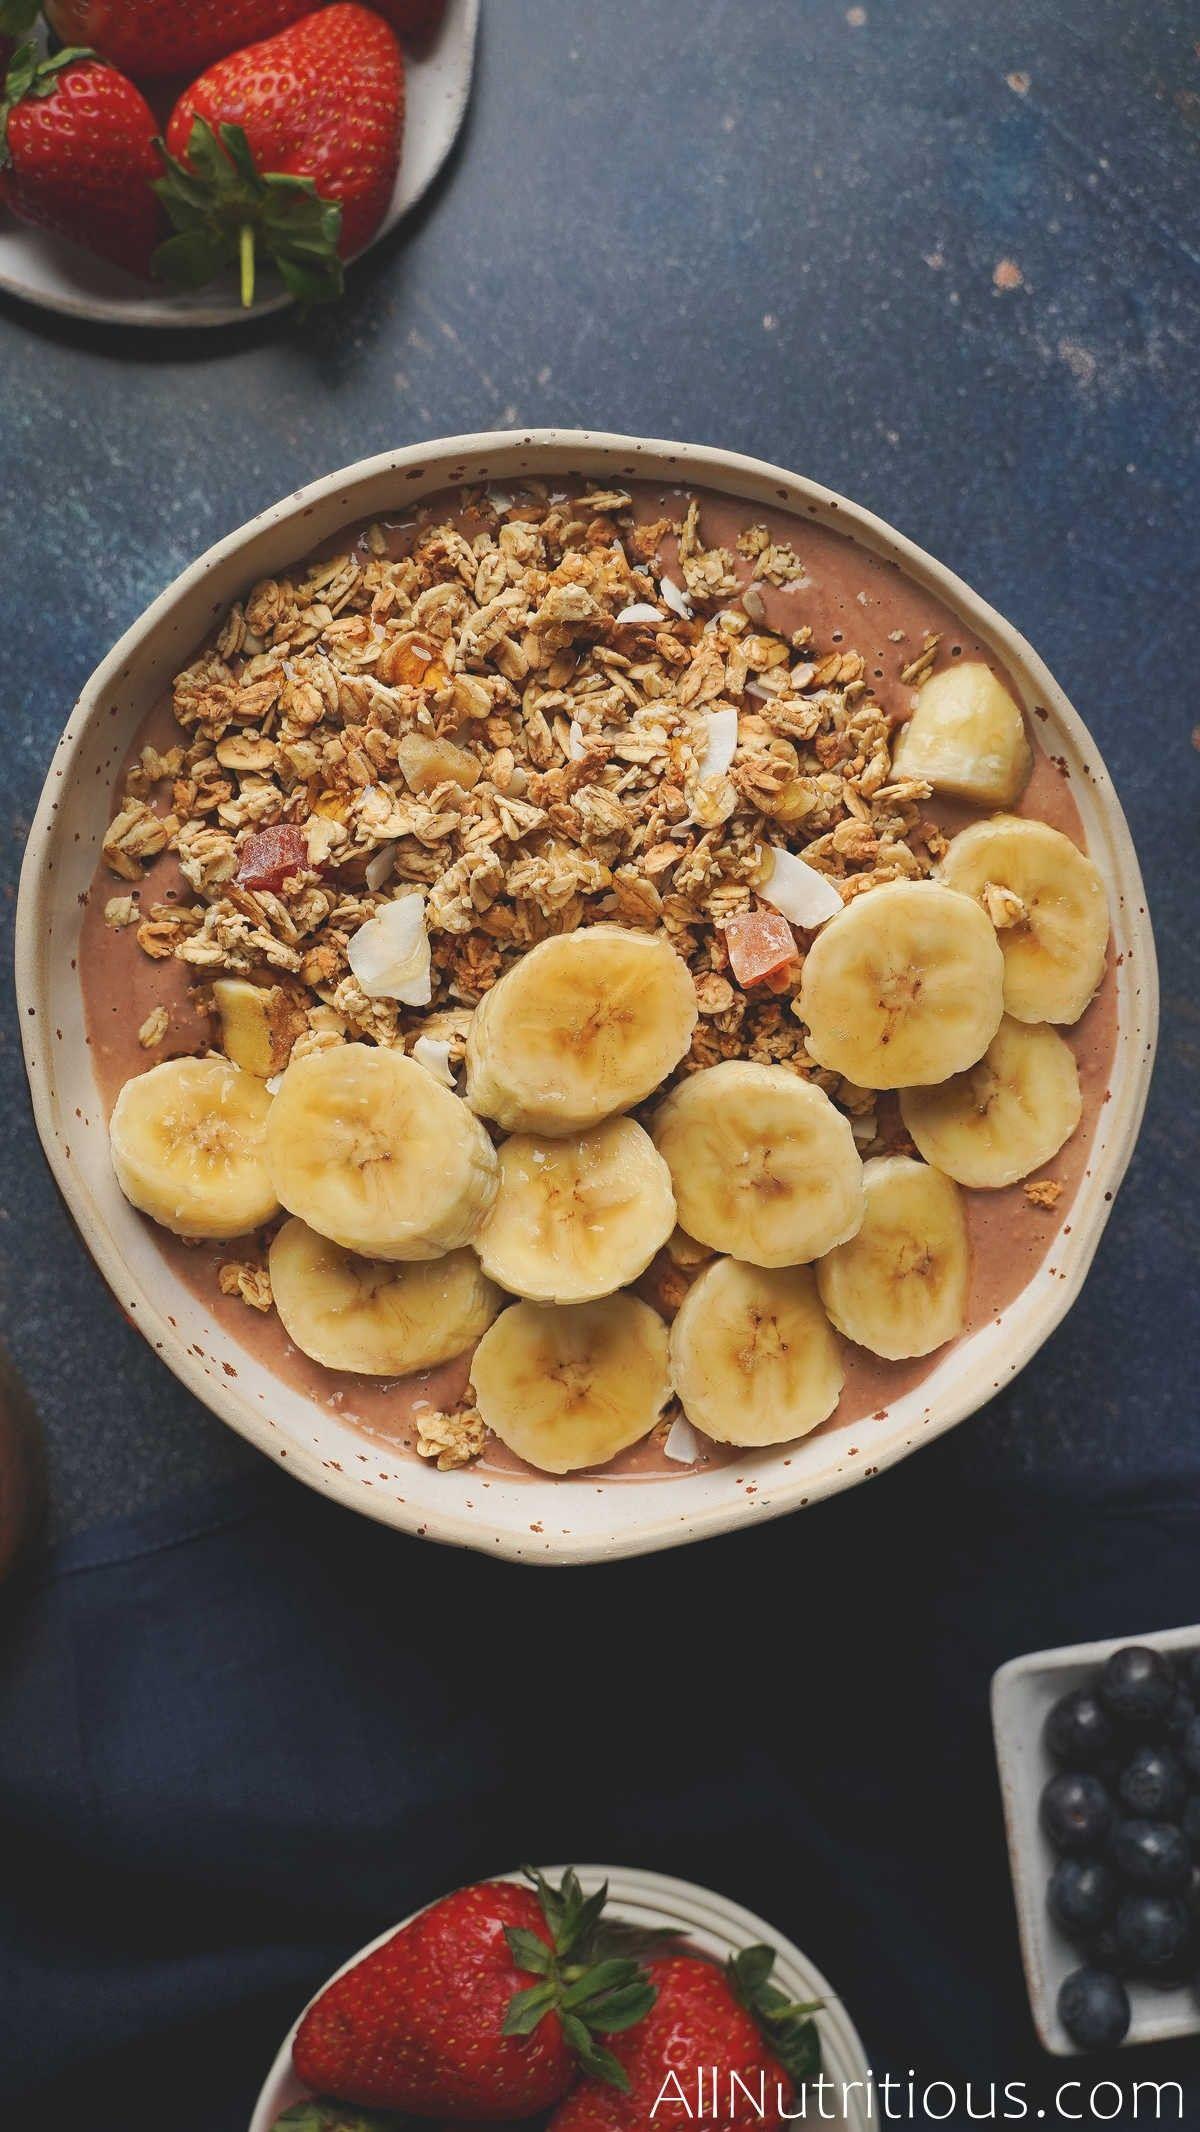 Granola Banana Nut Bowl